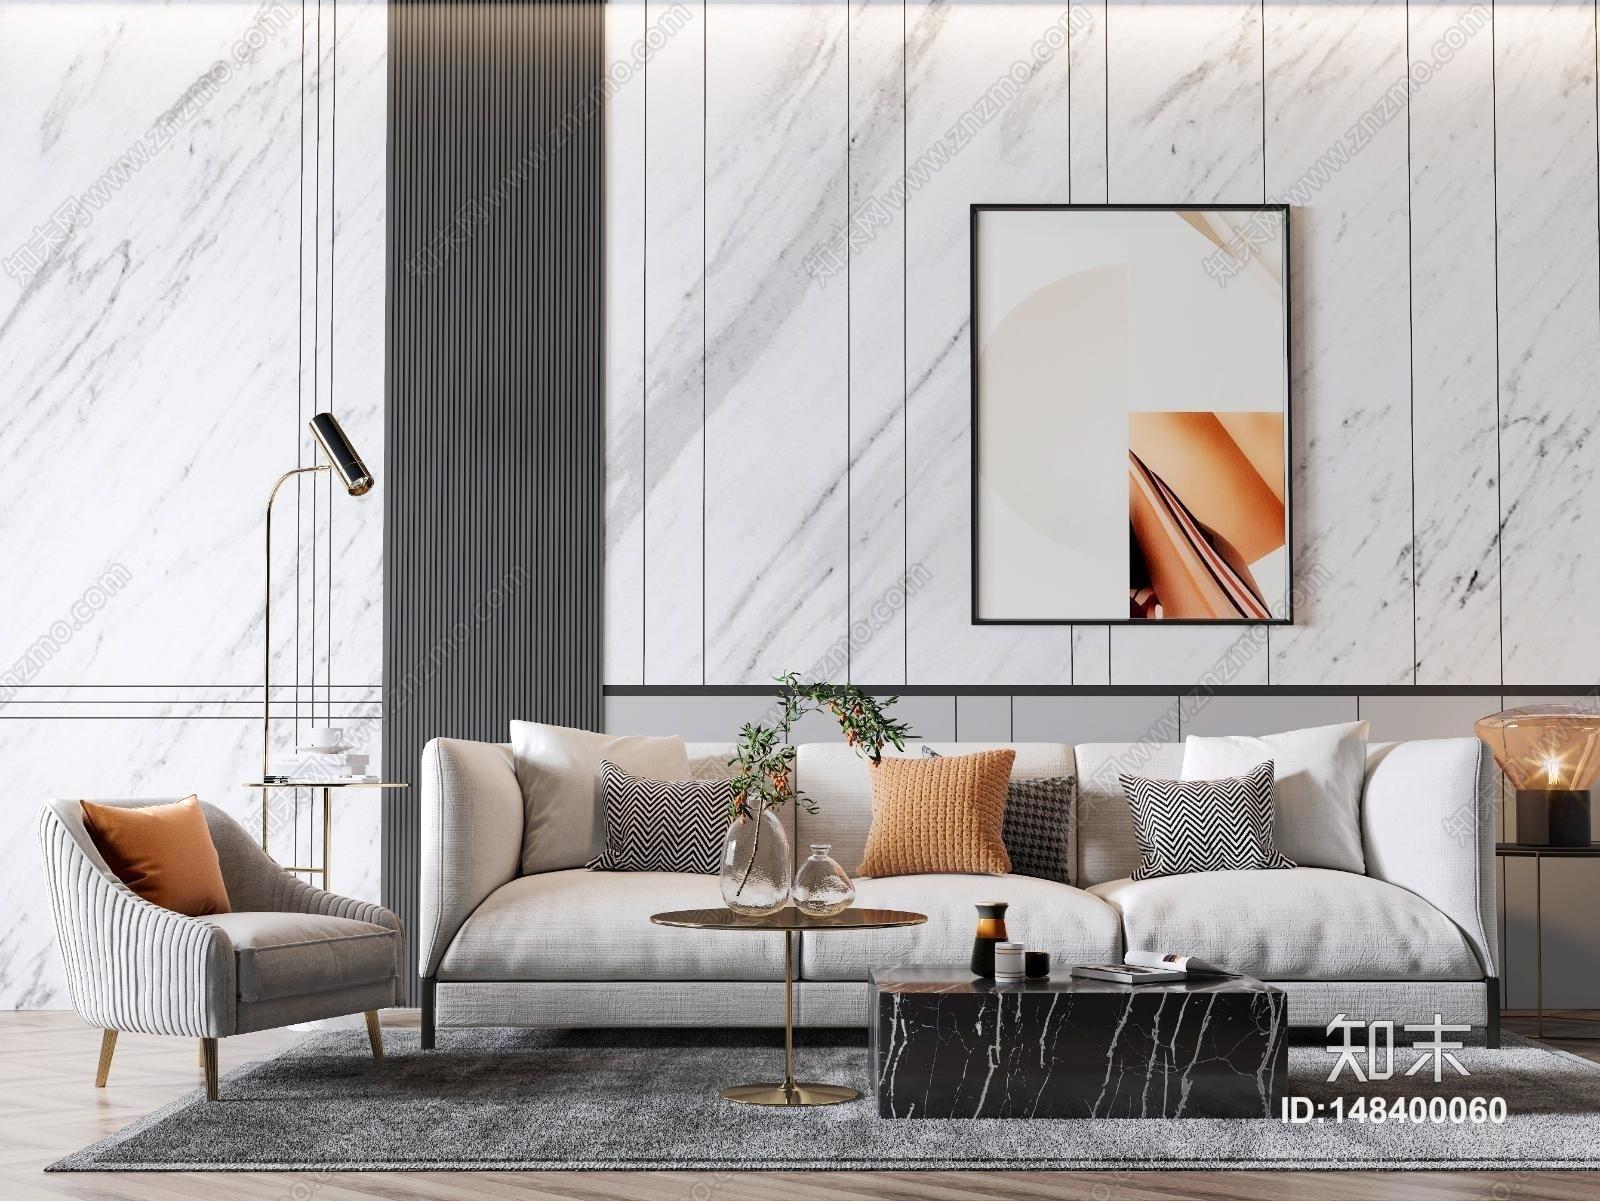 现代沙发茶几组合 多人沙发 单椅 茶几 台灯 饰品摆件 玻璃花瓶